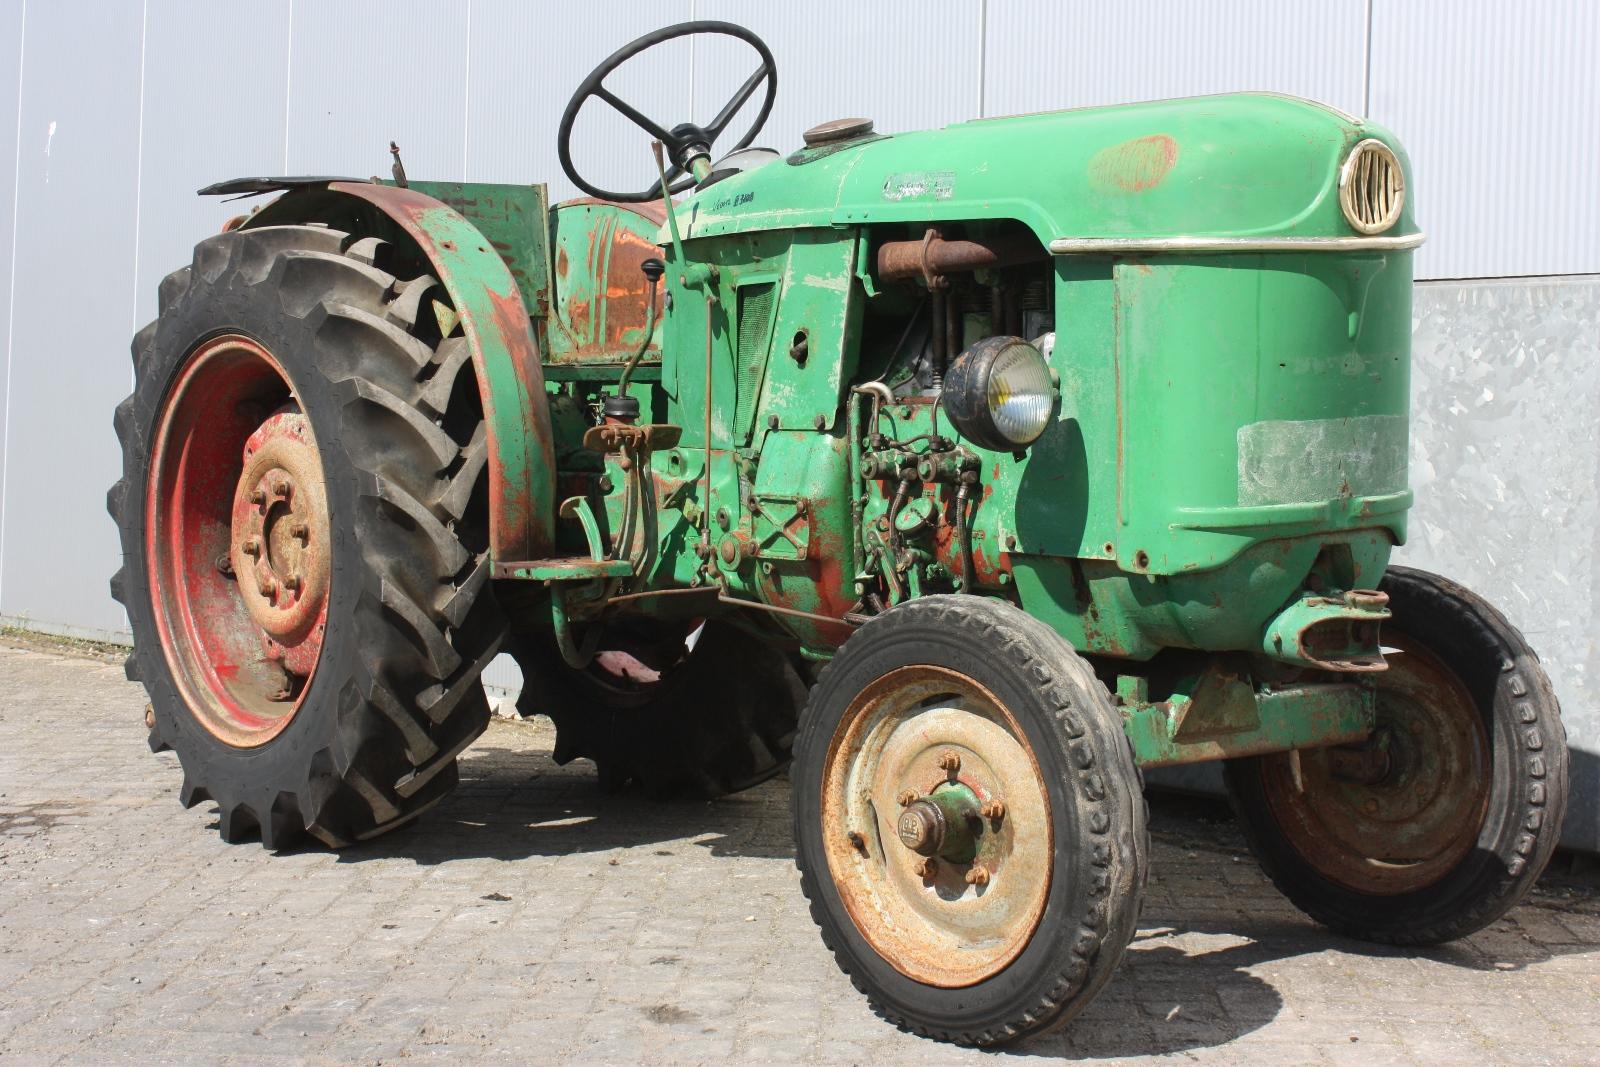 deutz d30 1964 vineyard tractor van dijk heavy equipment. Black Bedroom Furniture Sets. Home Design Ideas